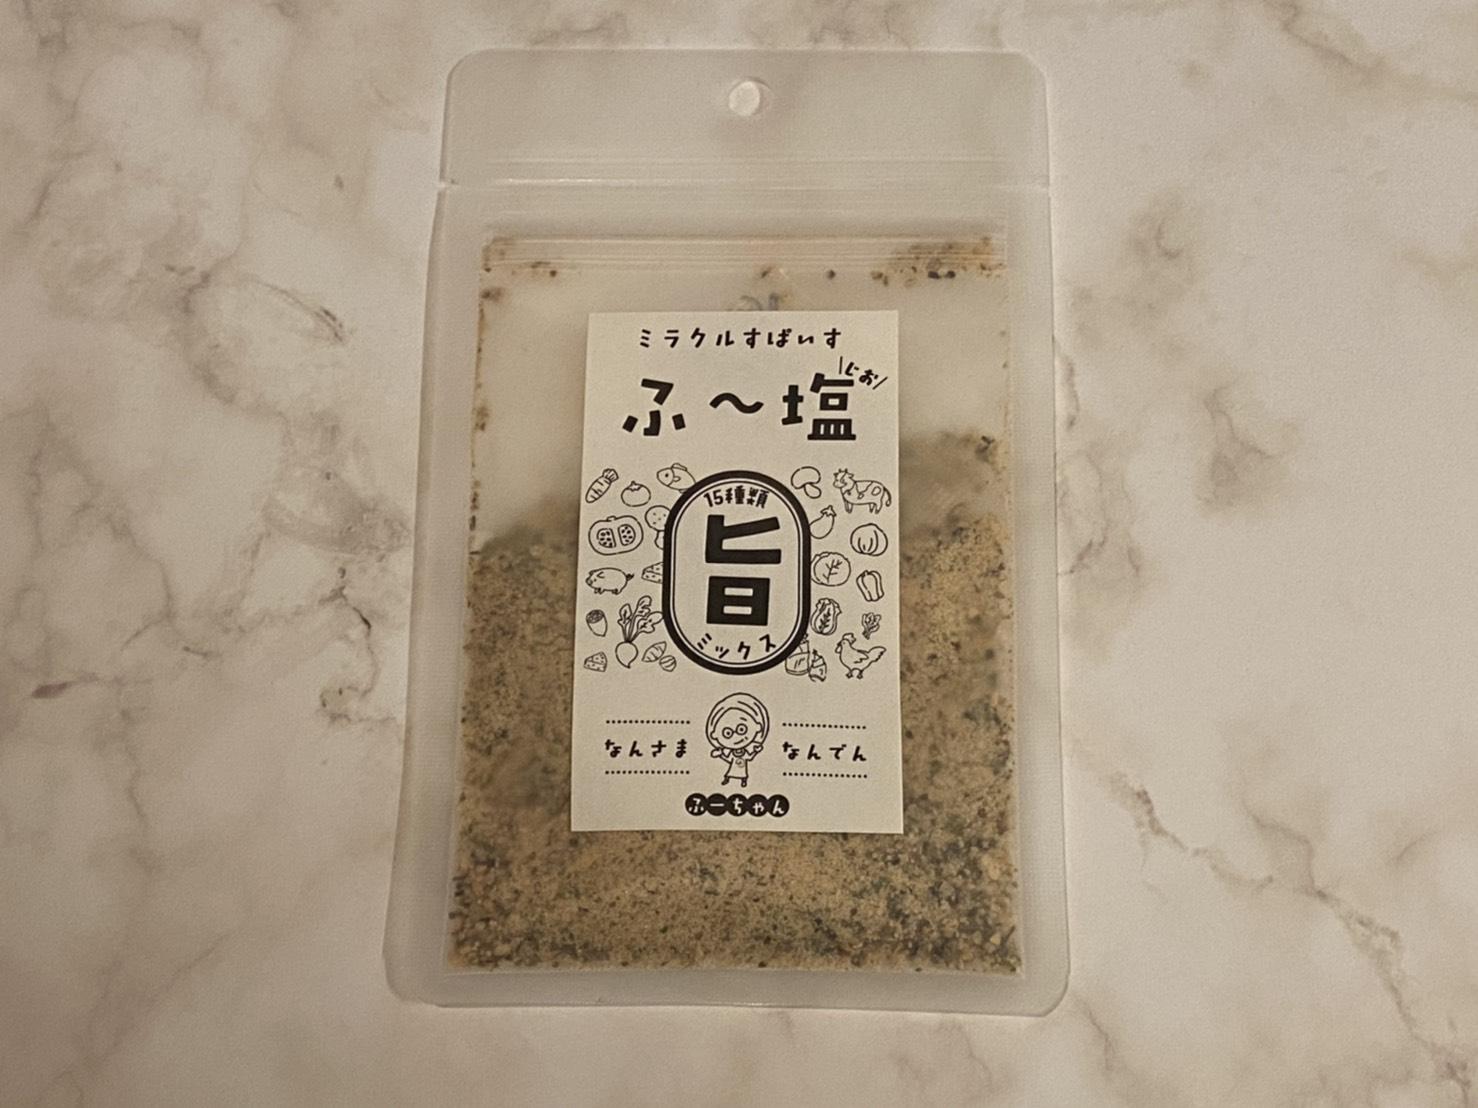 【簡単レシピ】ナスを生で!?常識が覆る「イタリアンお漬物」と「ふ〜塩」とは?【5分で完成】_6